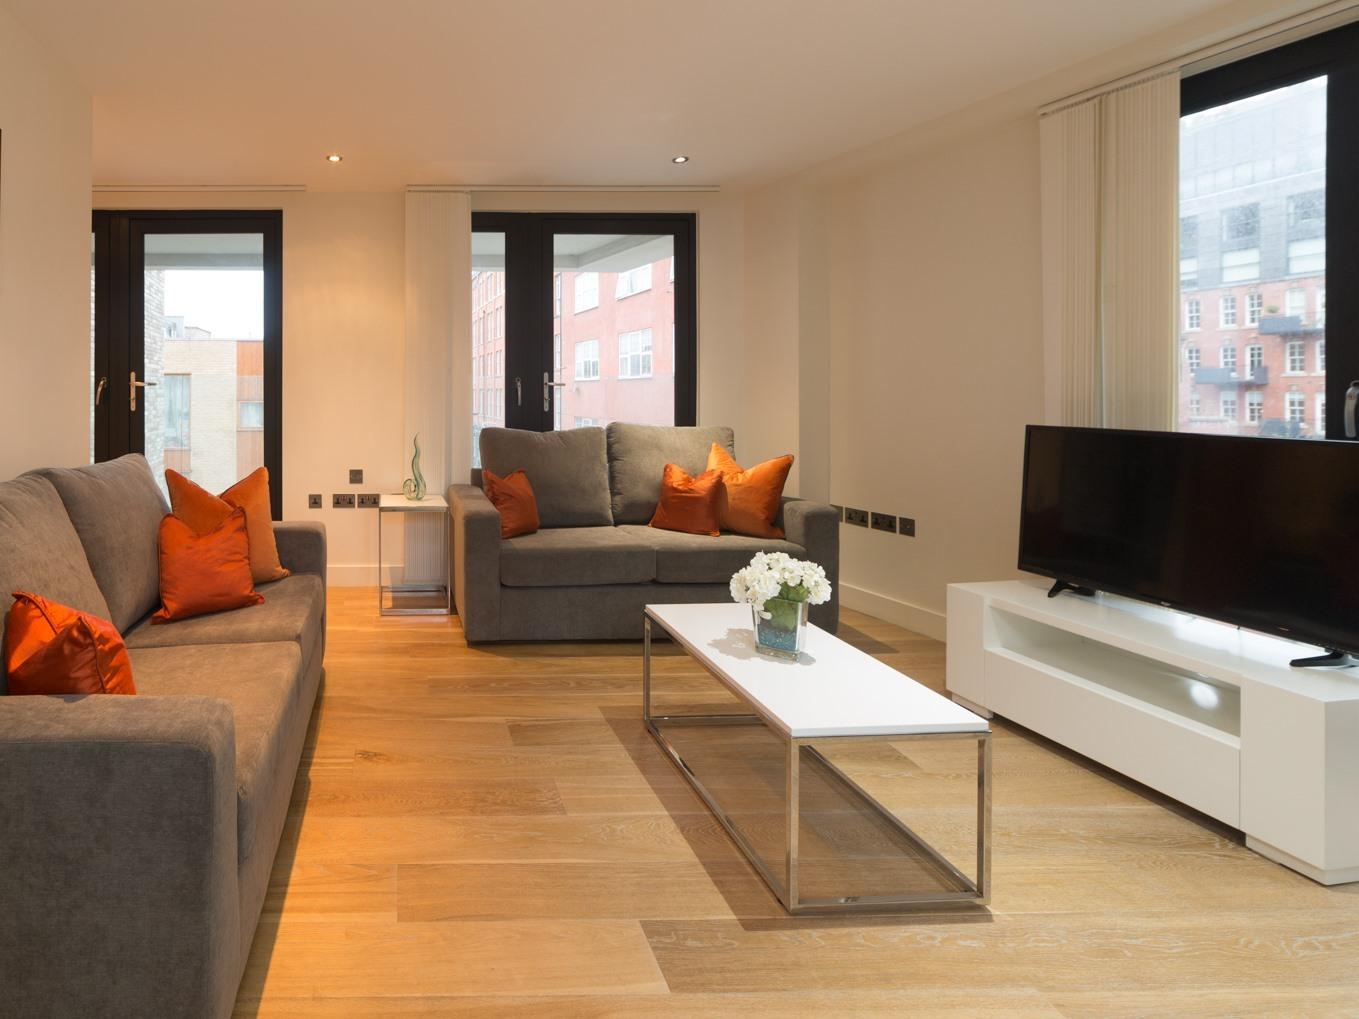 Apartment-Ensuite-JOANNA 6 C/H